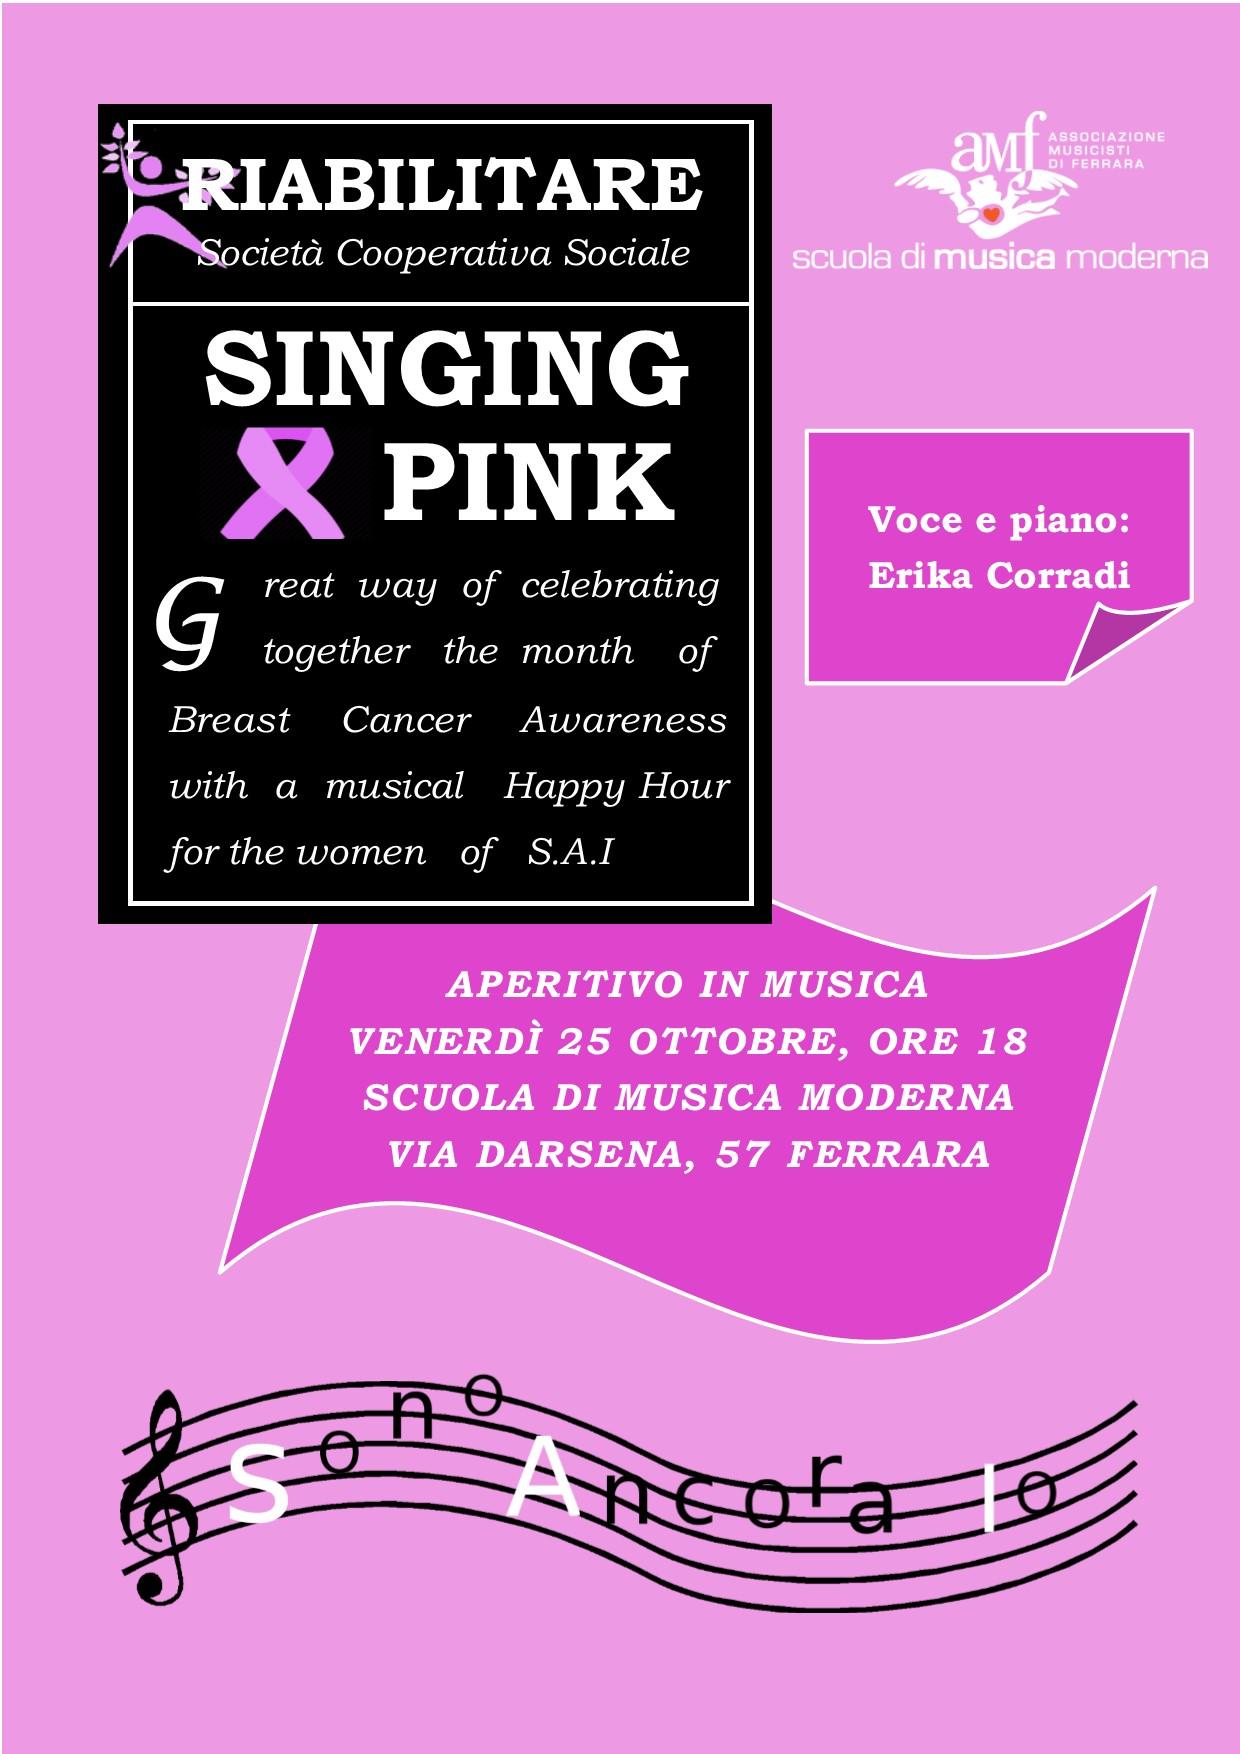 """""""Singing Pink"""": il 25 ottobre aperitivo in musica con la cooperativa Riabilitare, nell'ambito di un progetto per donne operate al seno"""